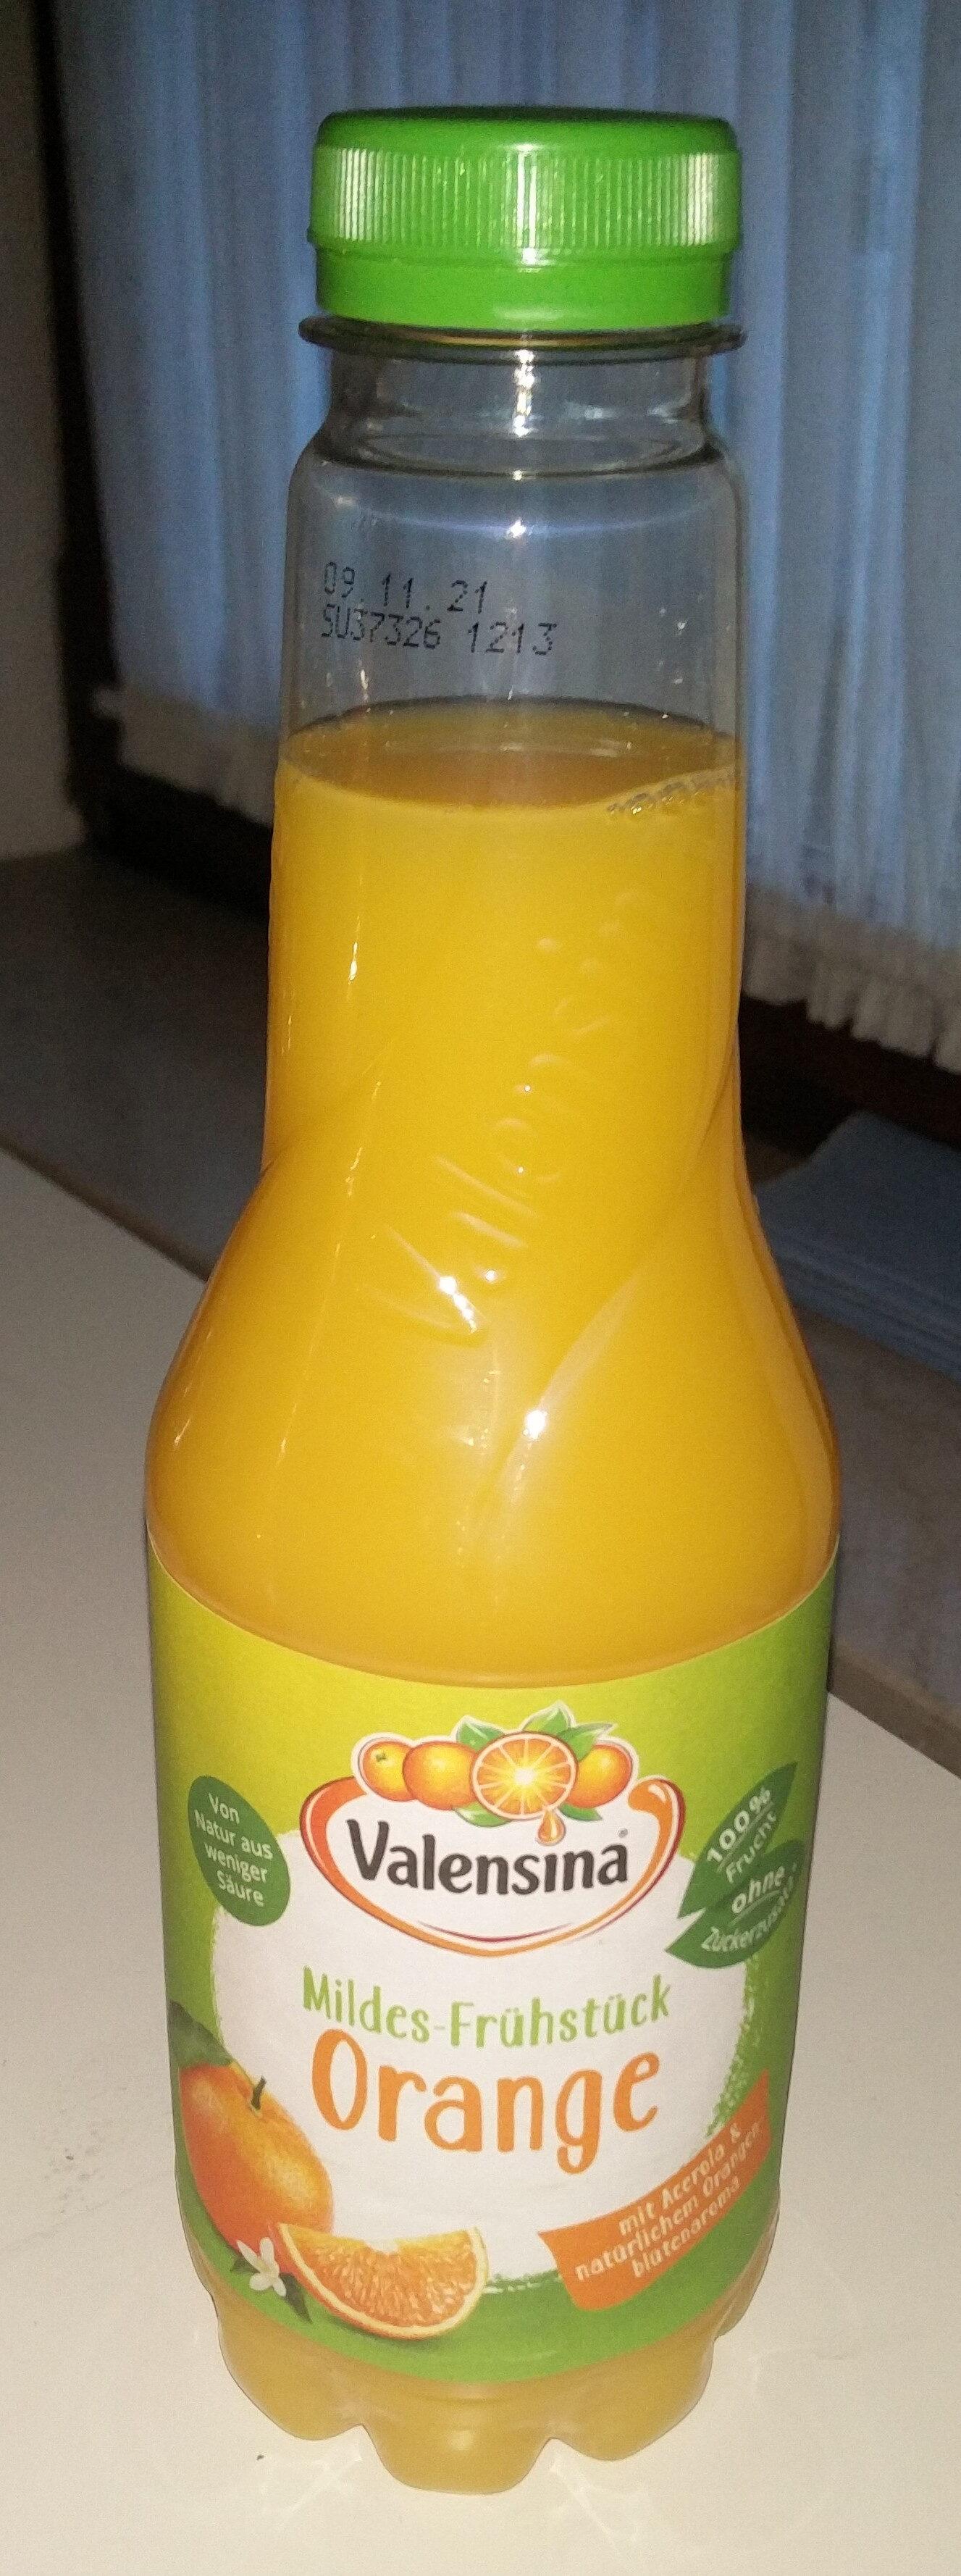 Mildes-Frühstück Orange - Produit - de